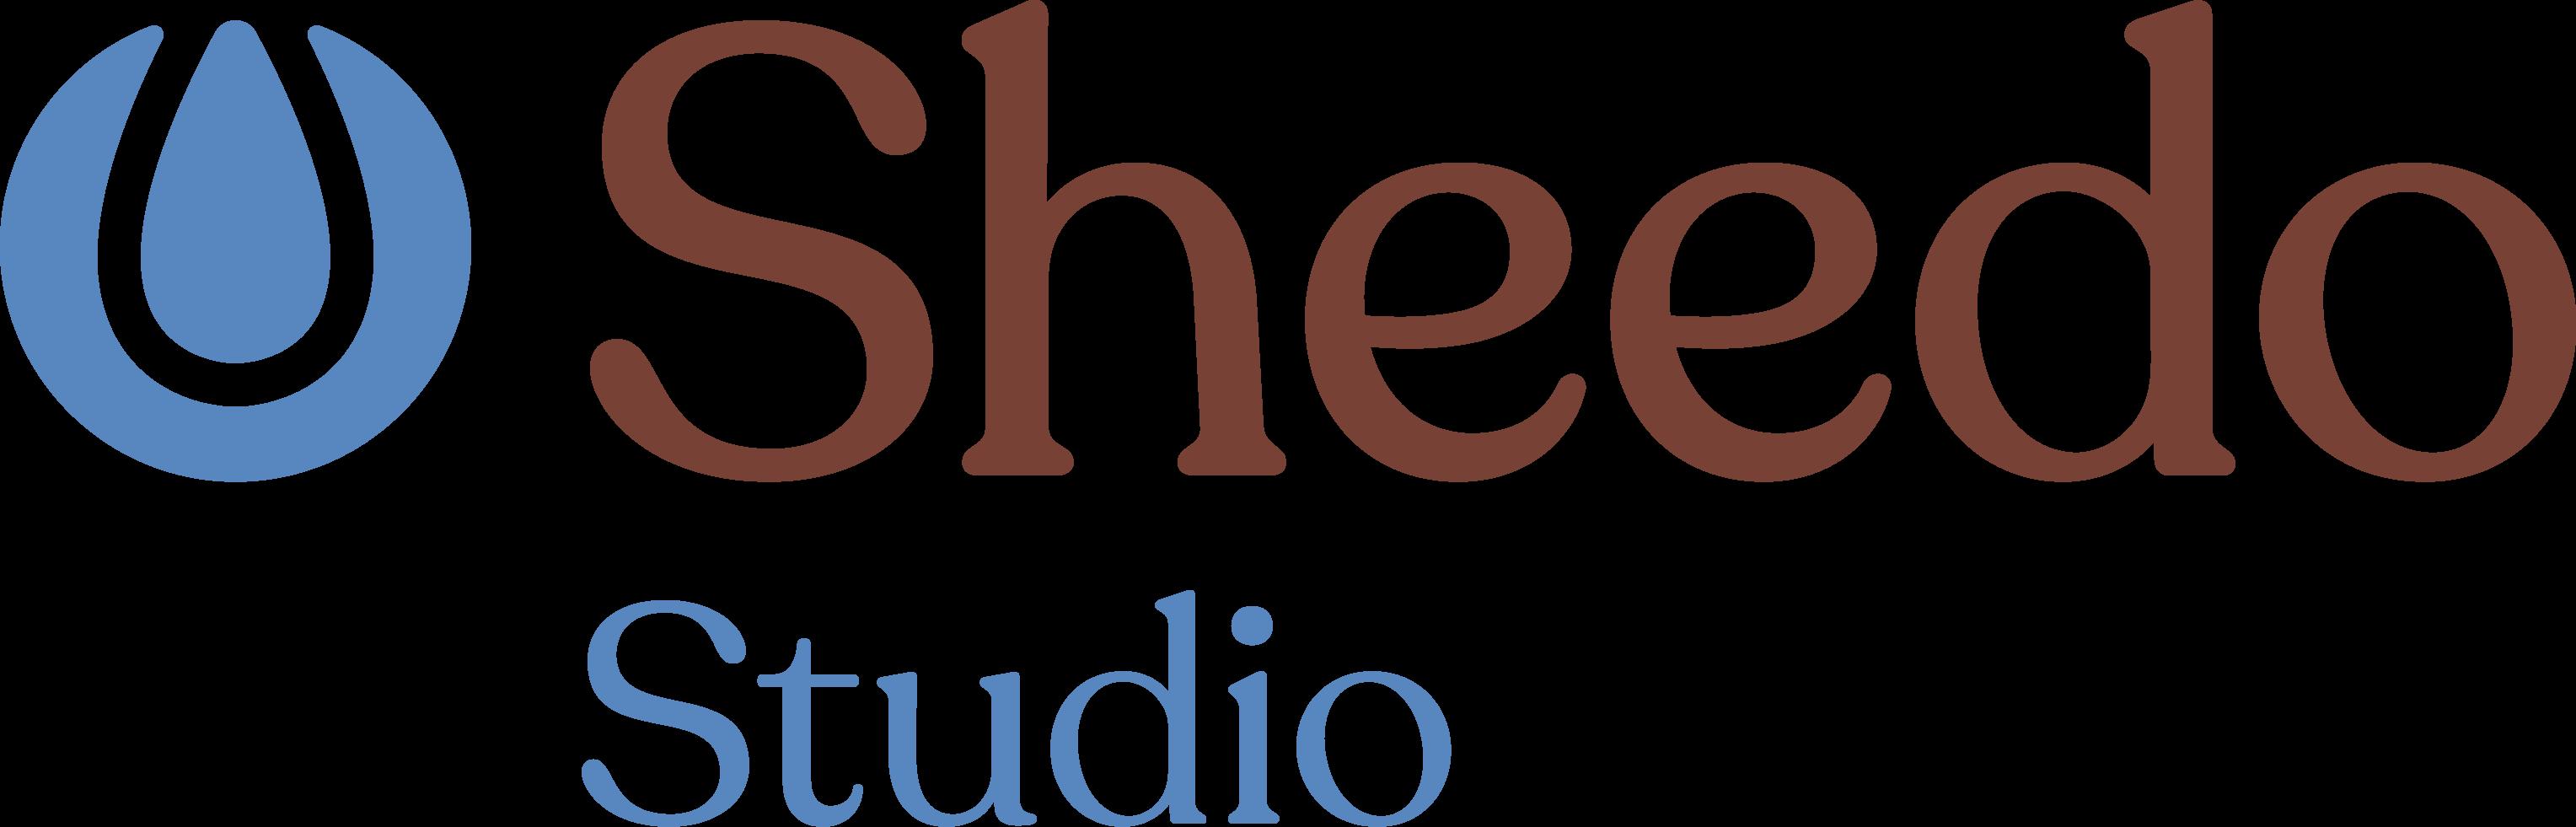 Sheedo Studio logo